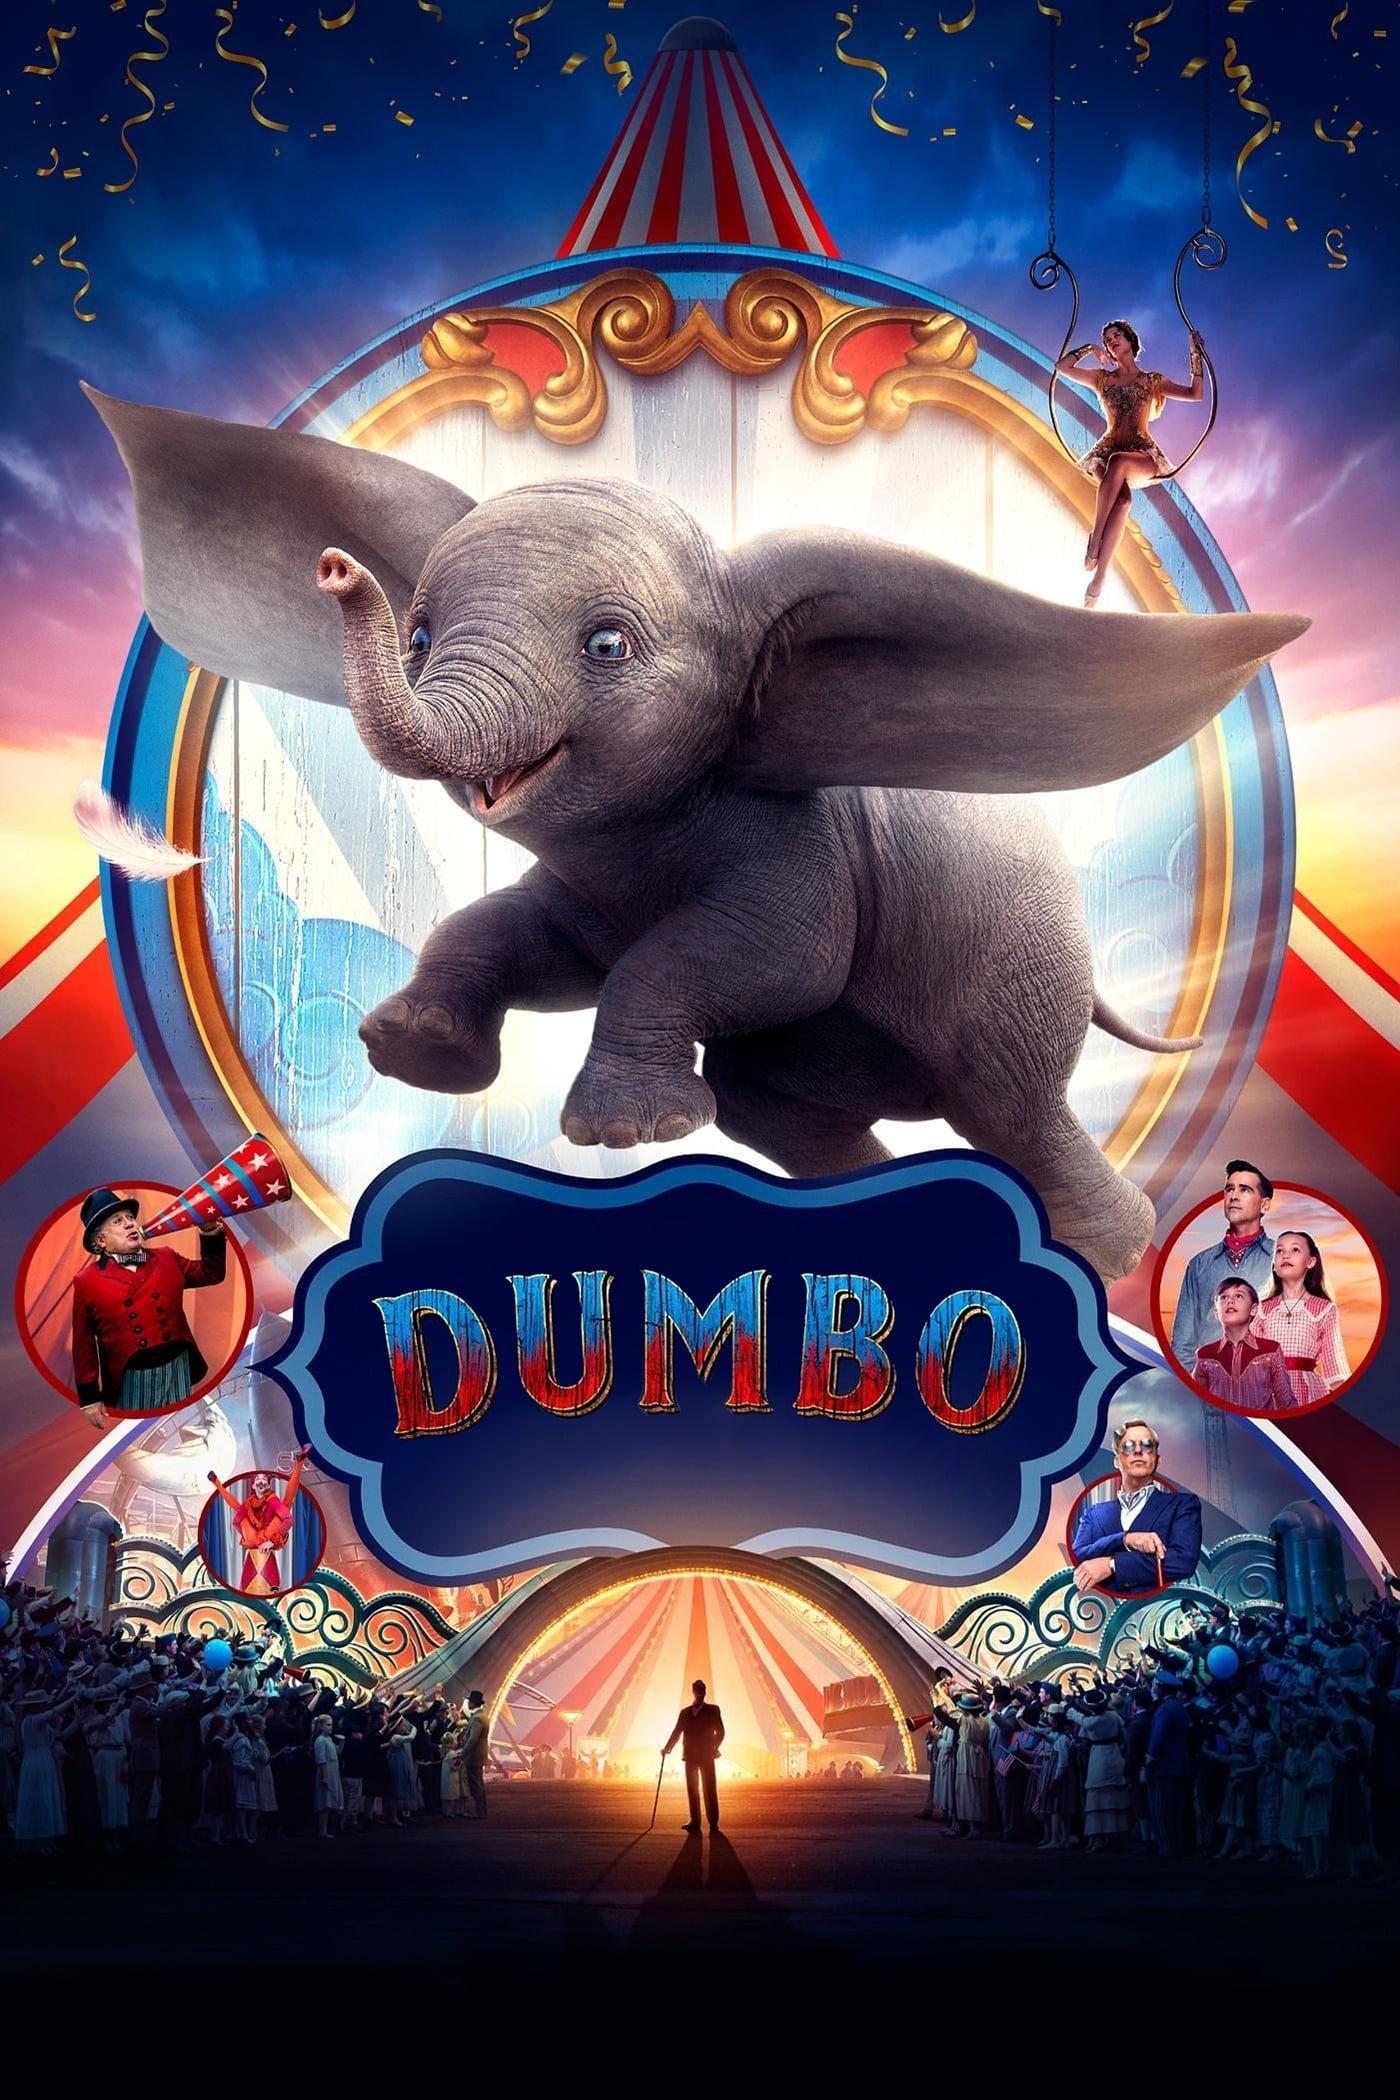 Dumbo Ganzer Film Deutsch Kostenlos